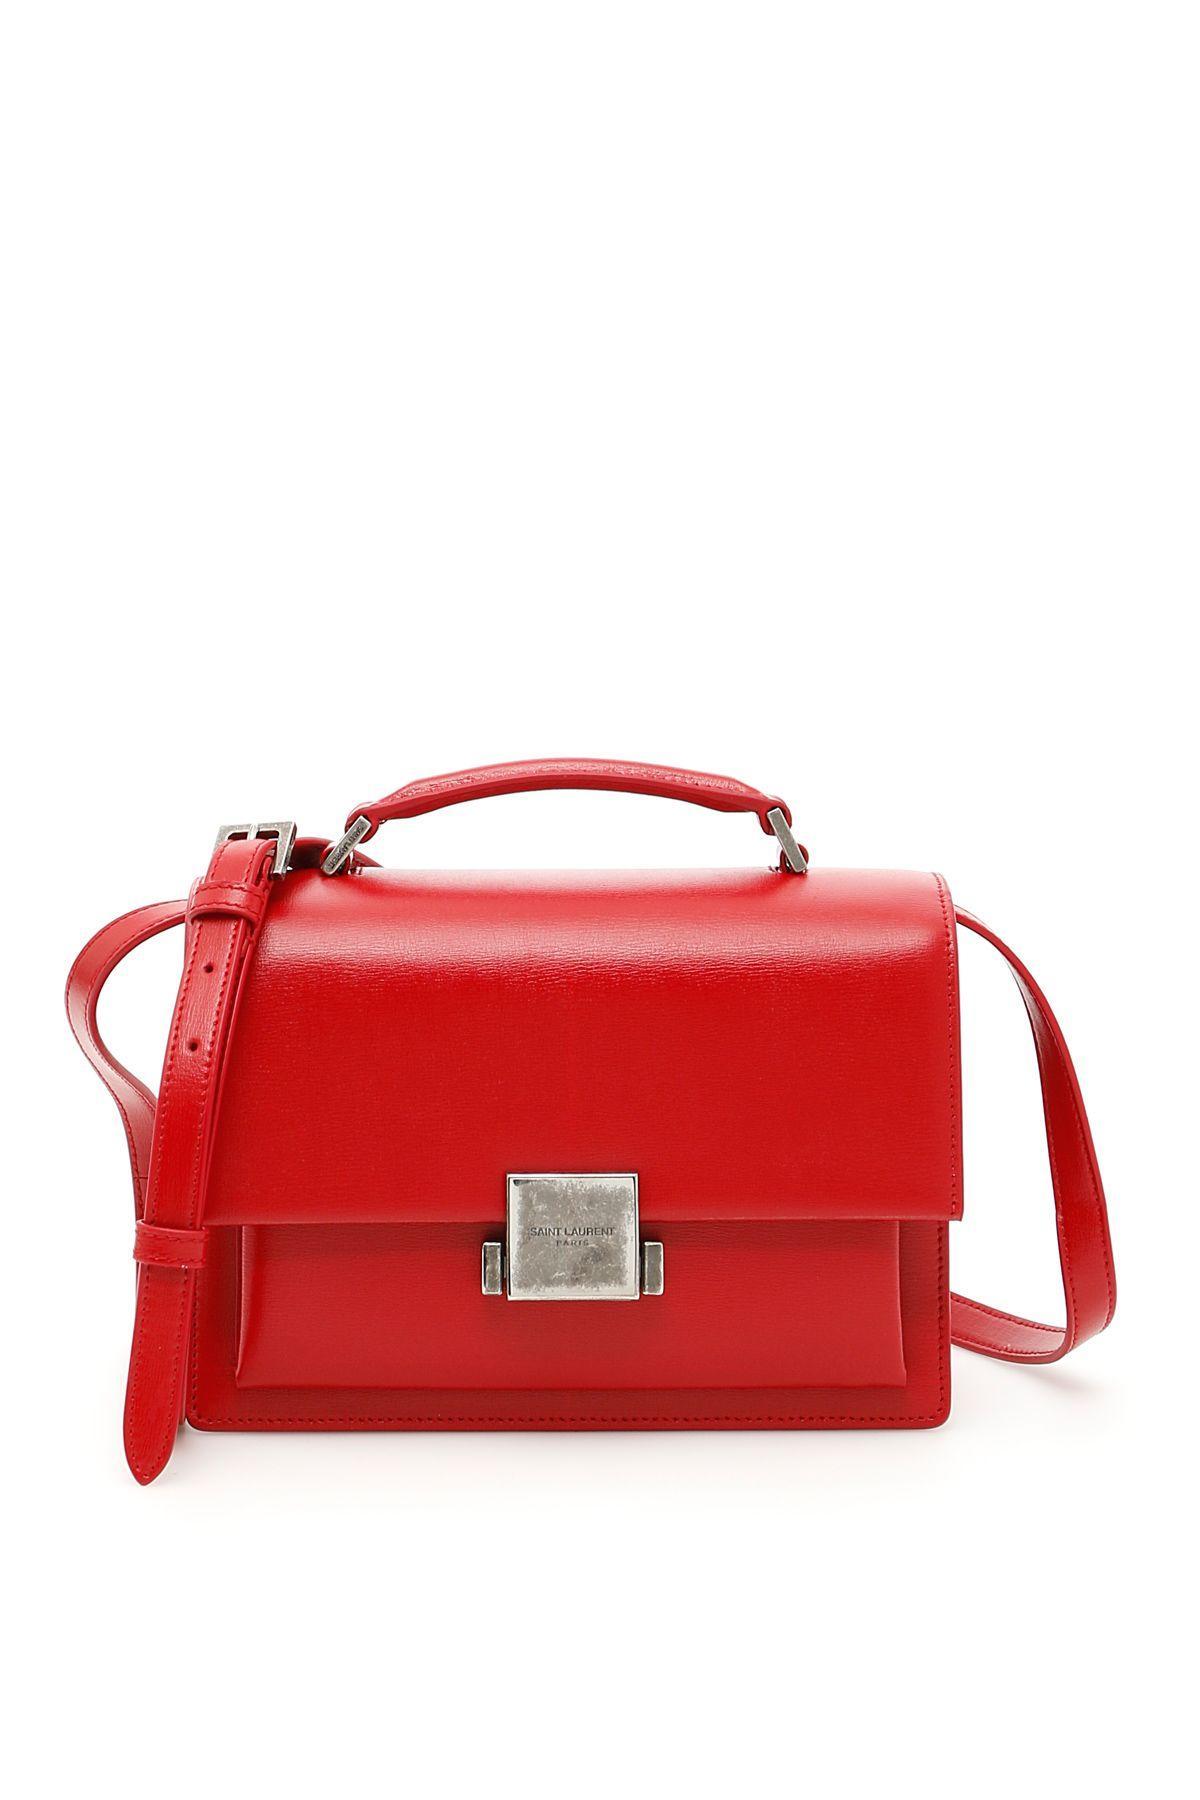 6e133c72d8 Medium Bellechasse Shoulder Bag in Red